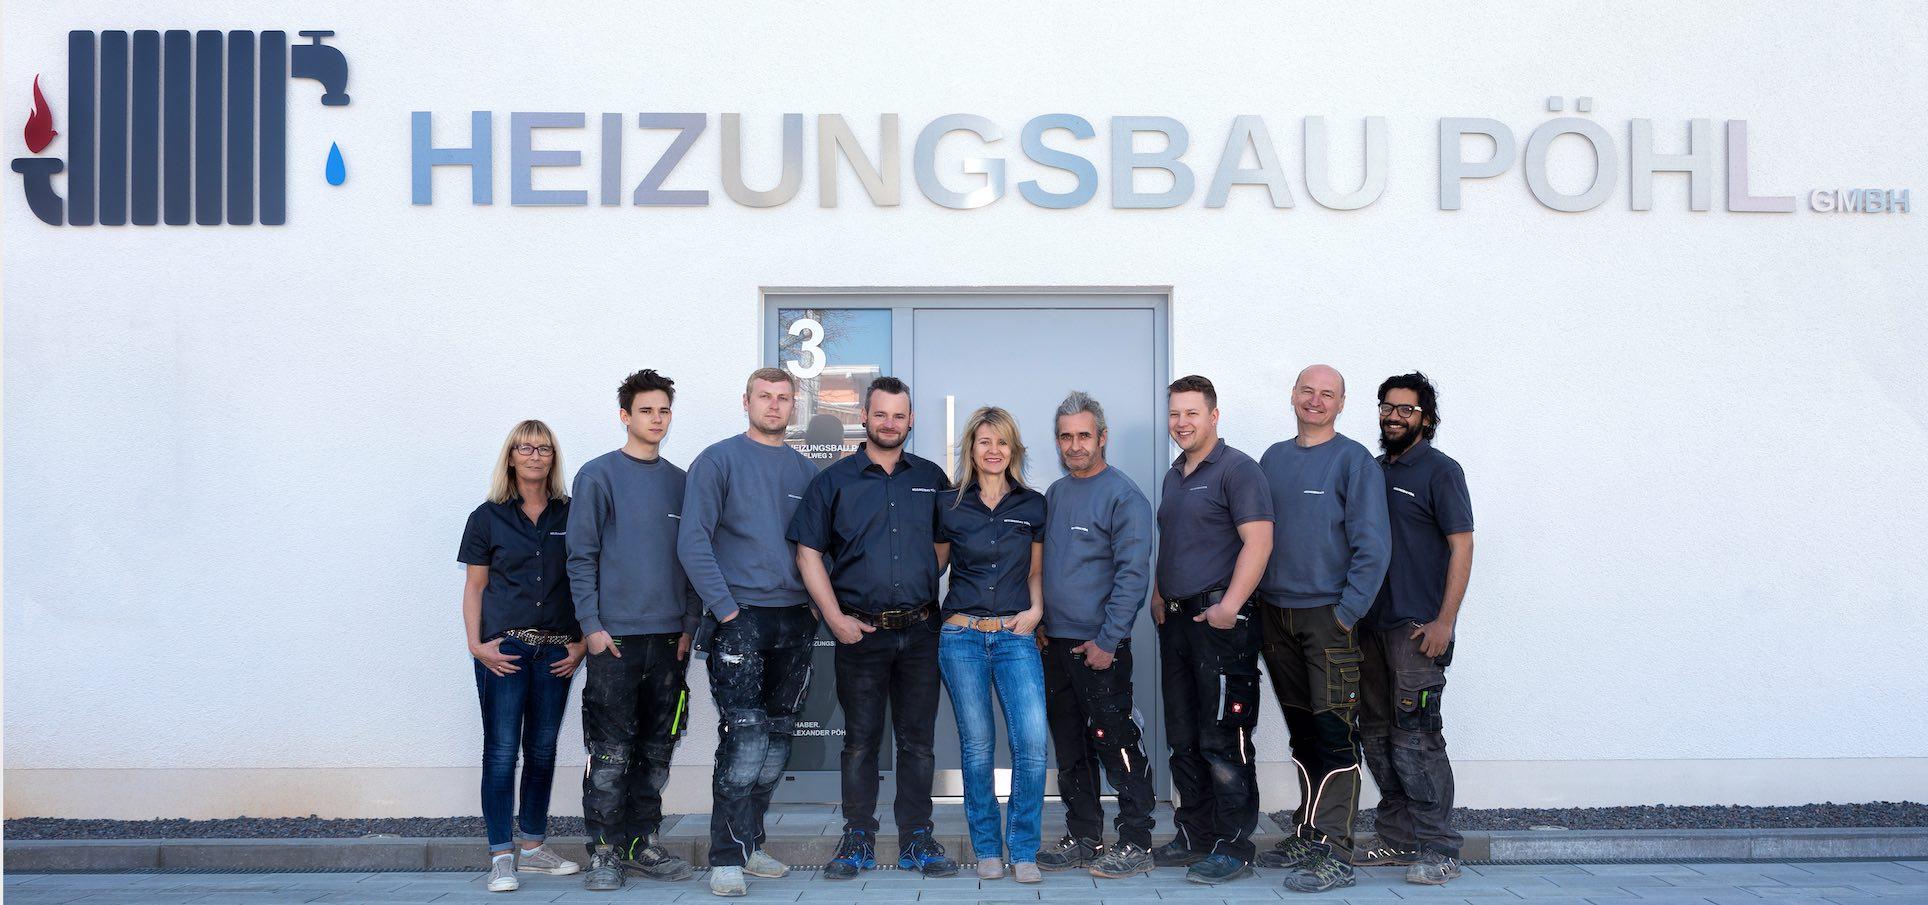 Team Heizungsbau Poehl